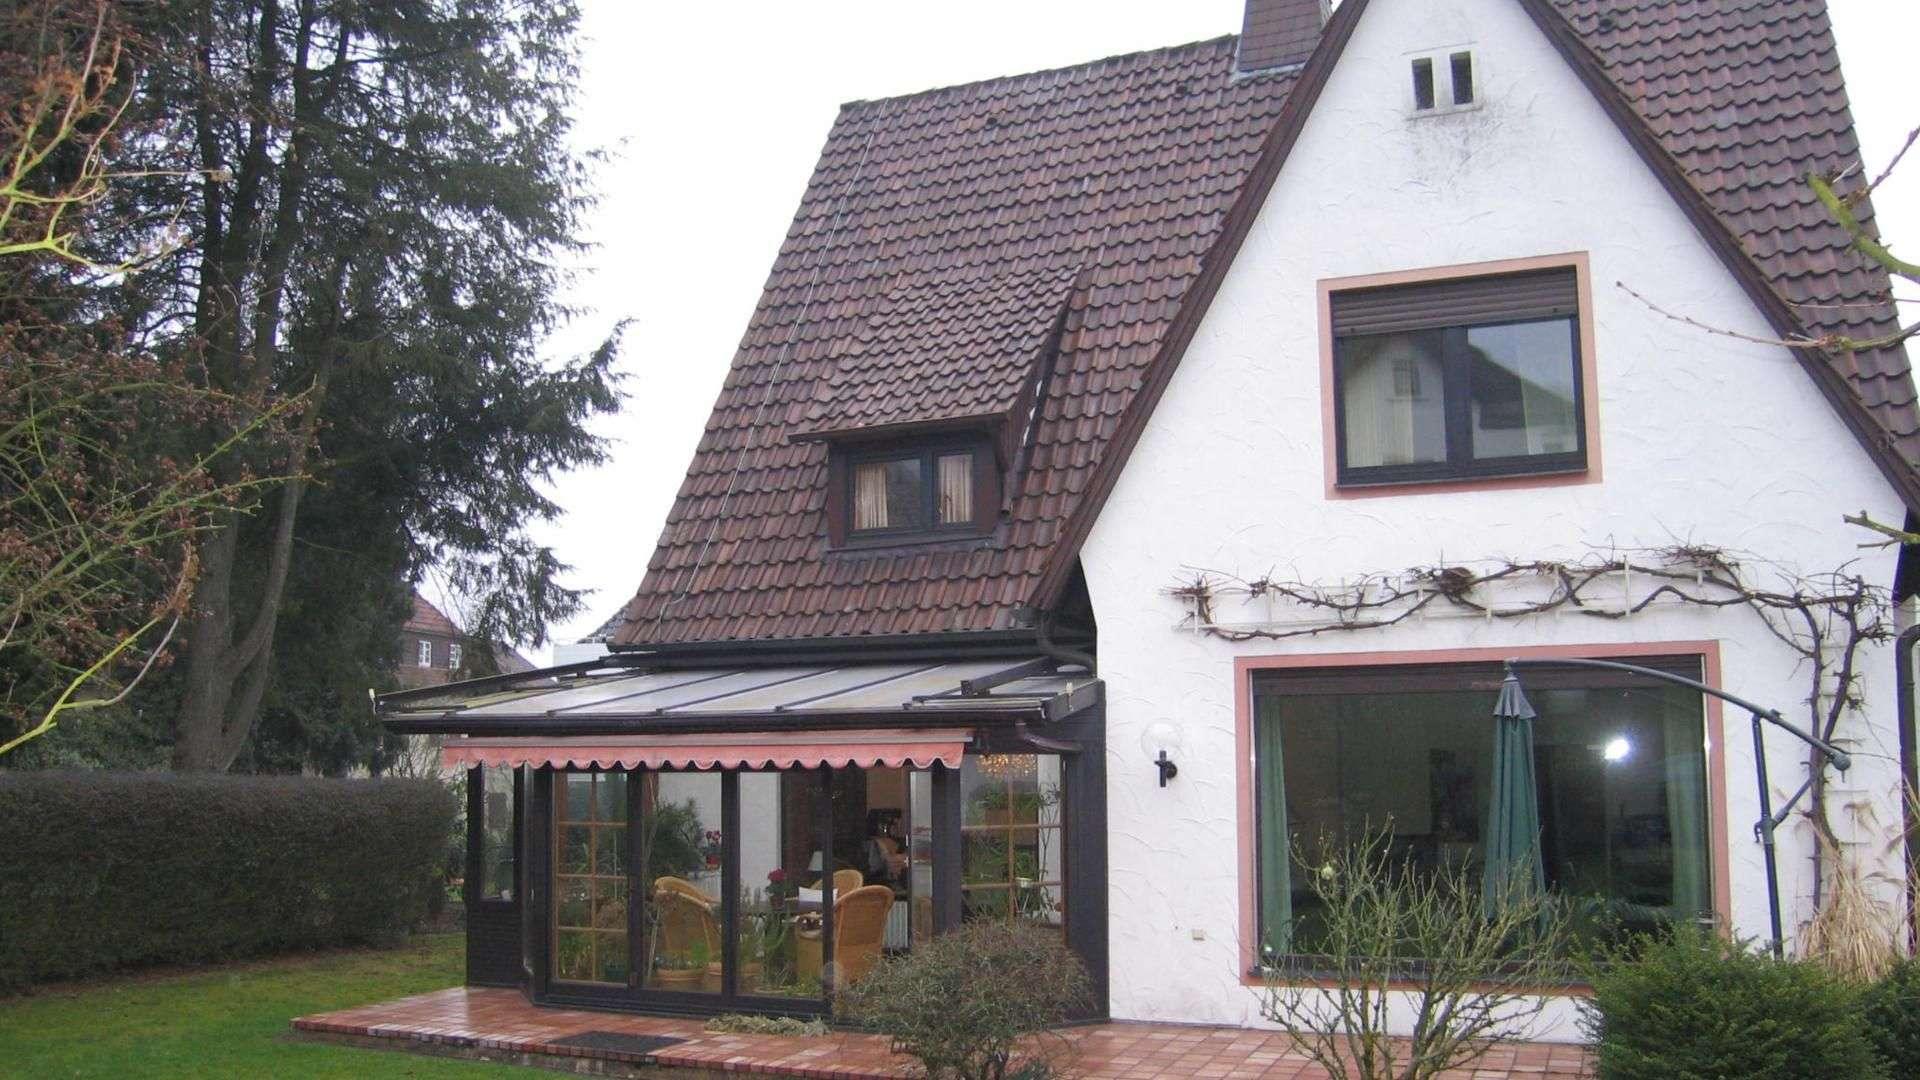 Einfamilienhaus mit Wintergarten mit Markise